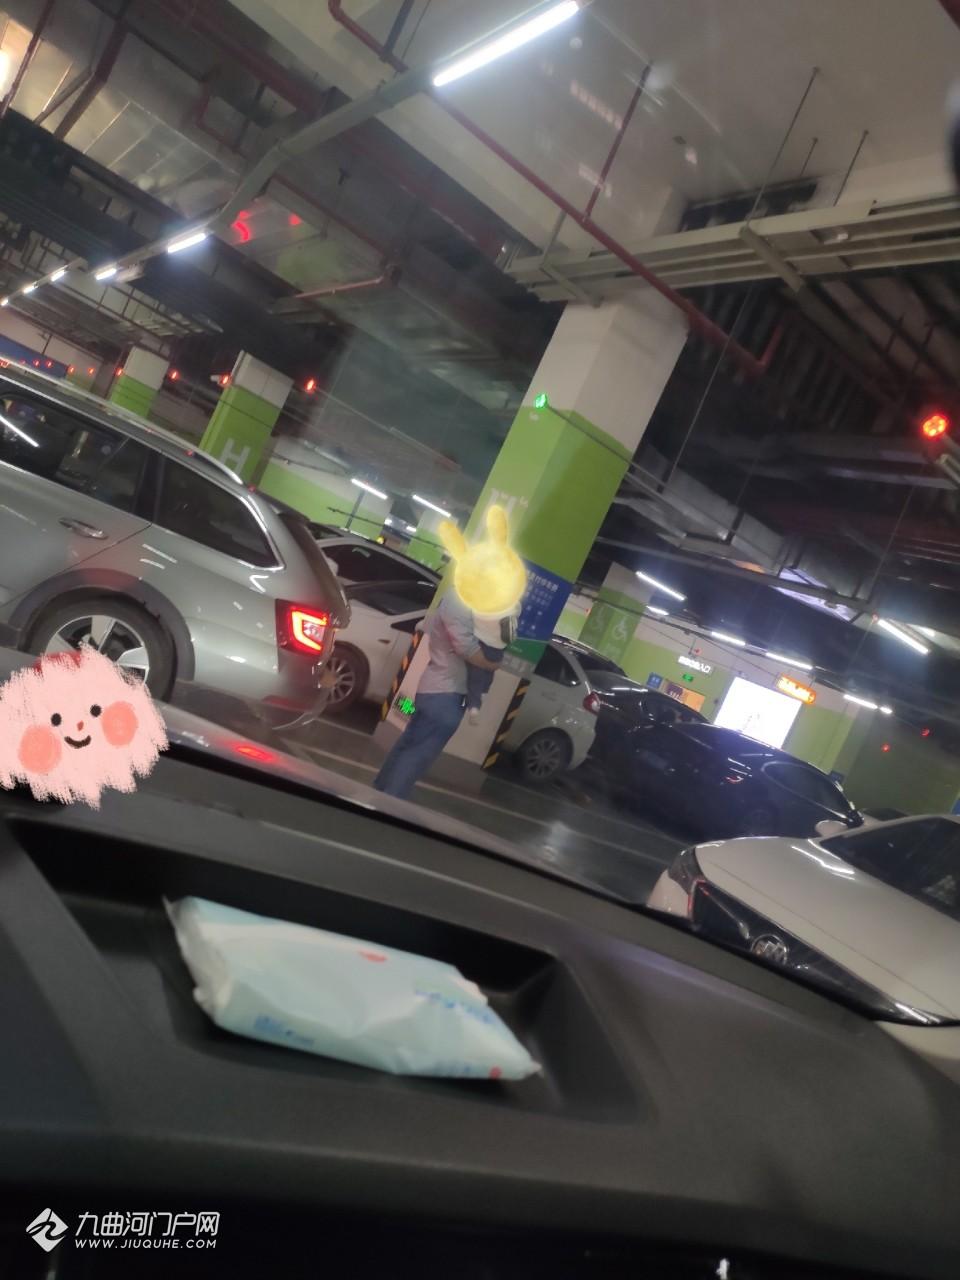 大家對這種抱著娃娃占車位的人有何看法?我今天就在資陽萬達停車場遇到了!